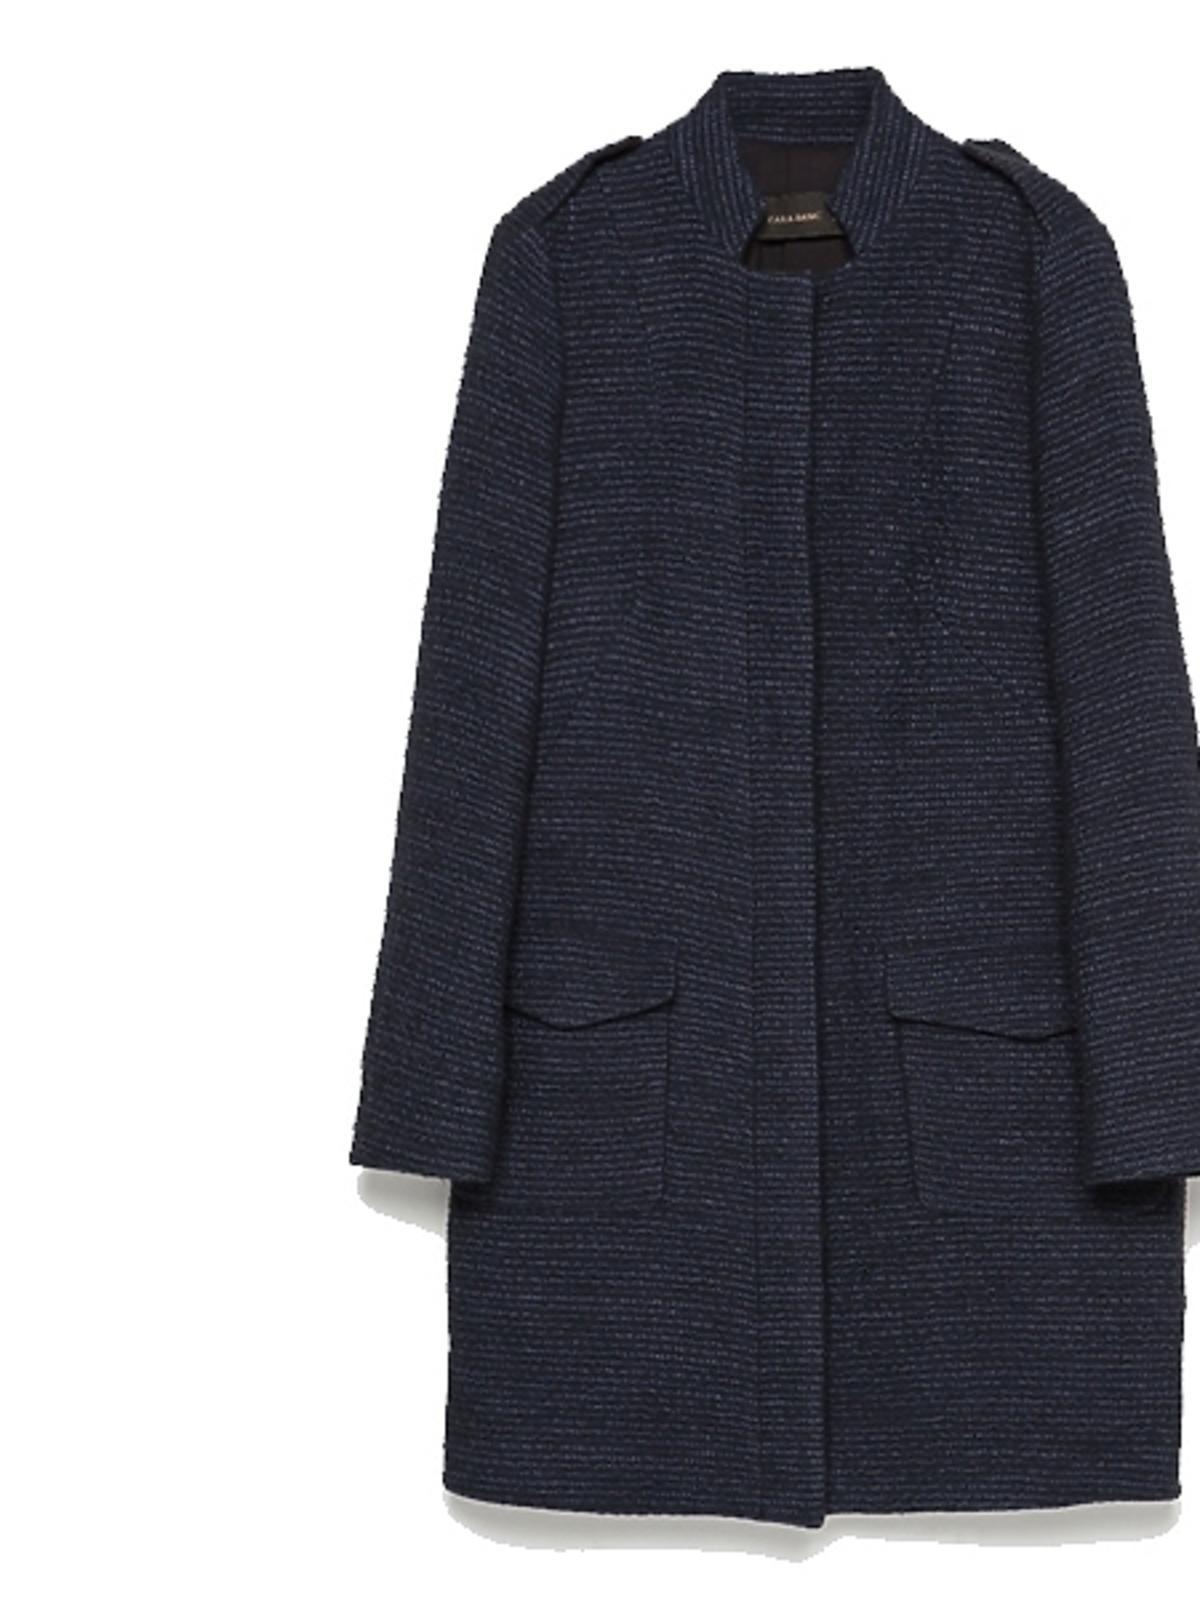 Granatowy płaszcz Zara, cena